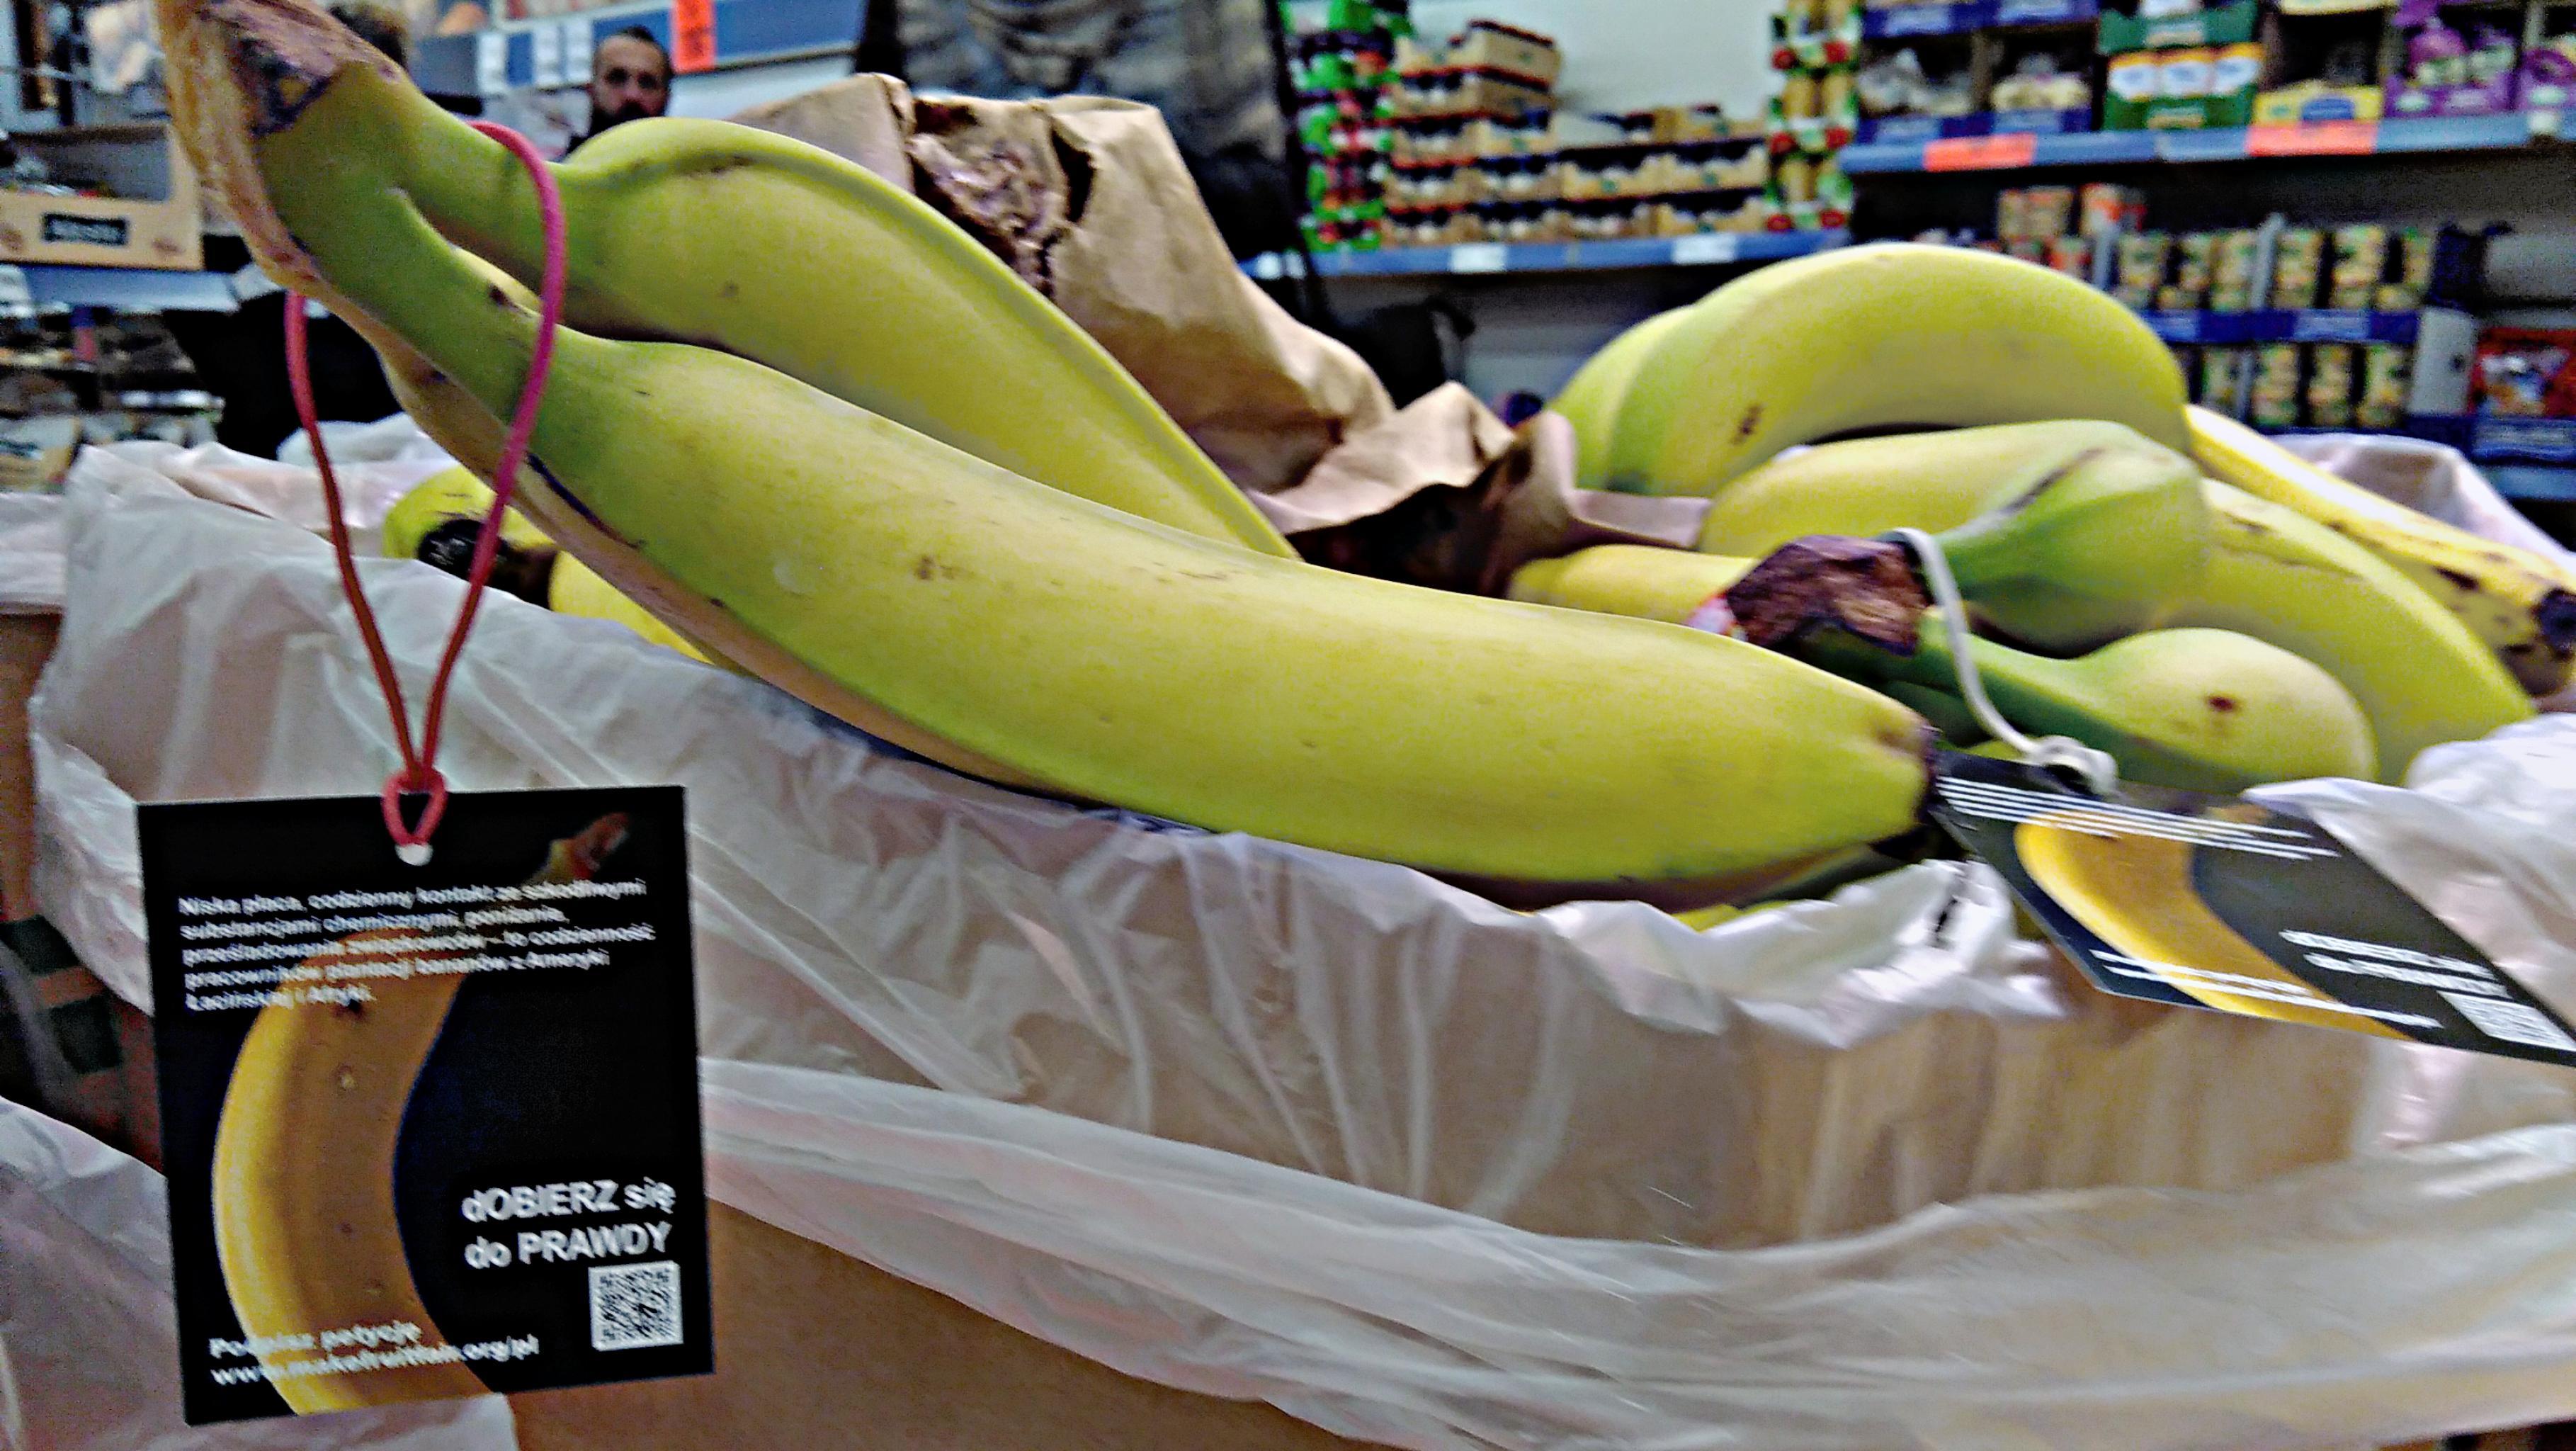 Anhänger mit Informationszetteln hängen an Bananen in Kisten im Supermarkt